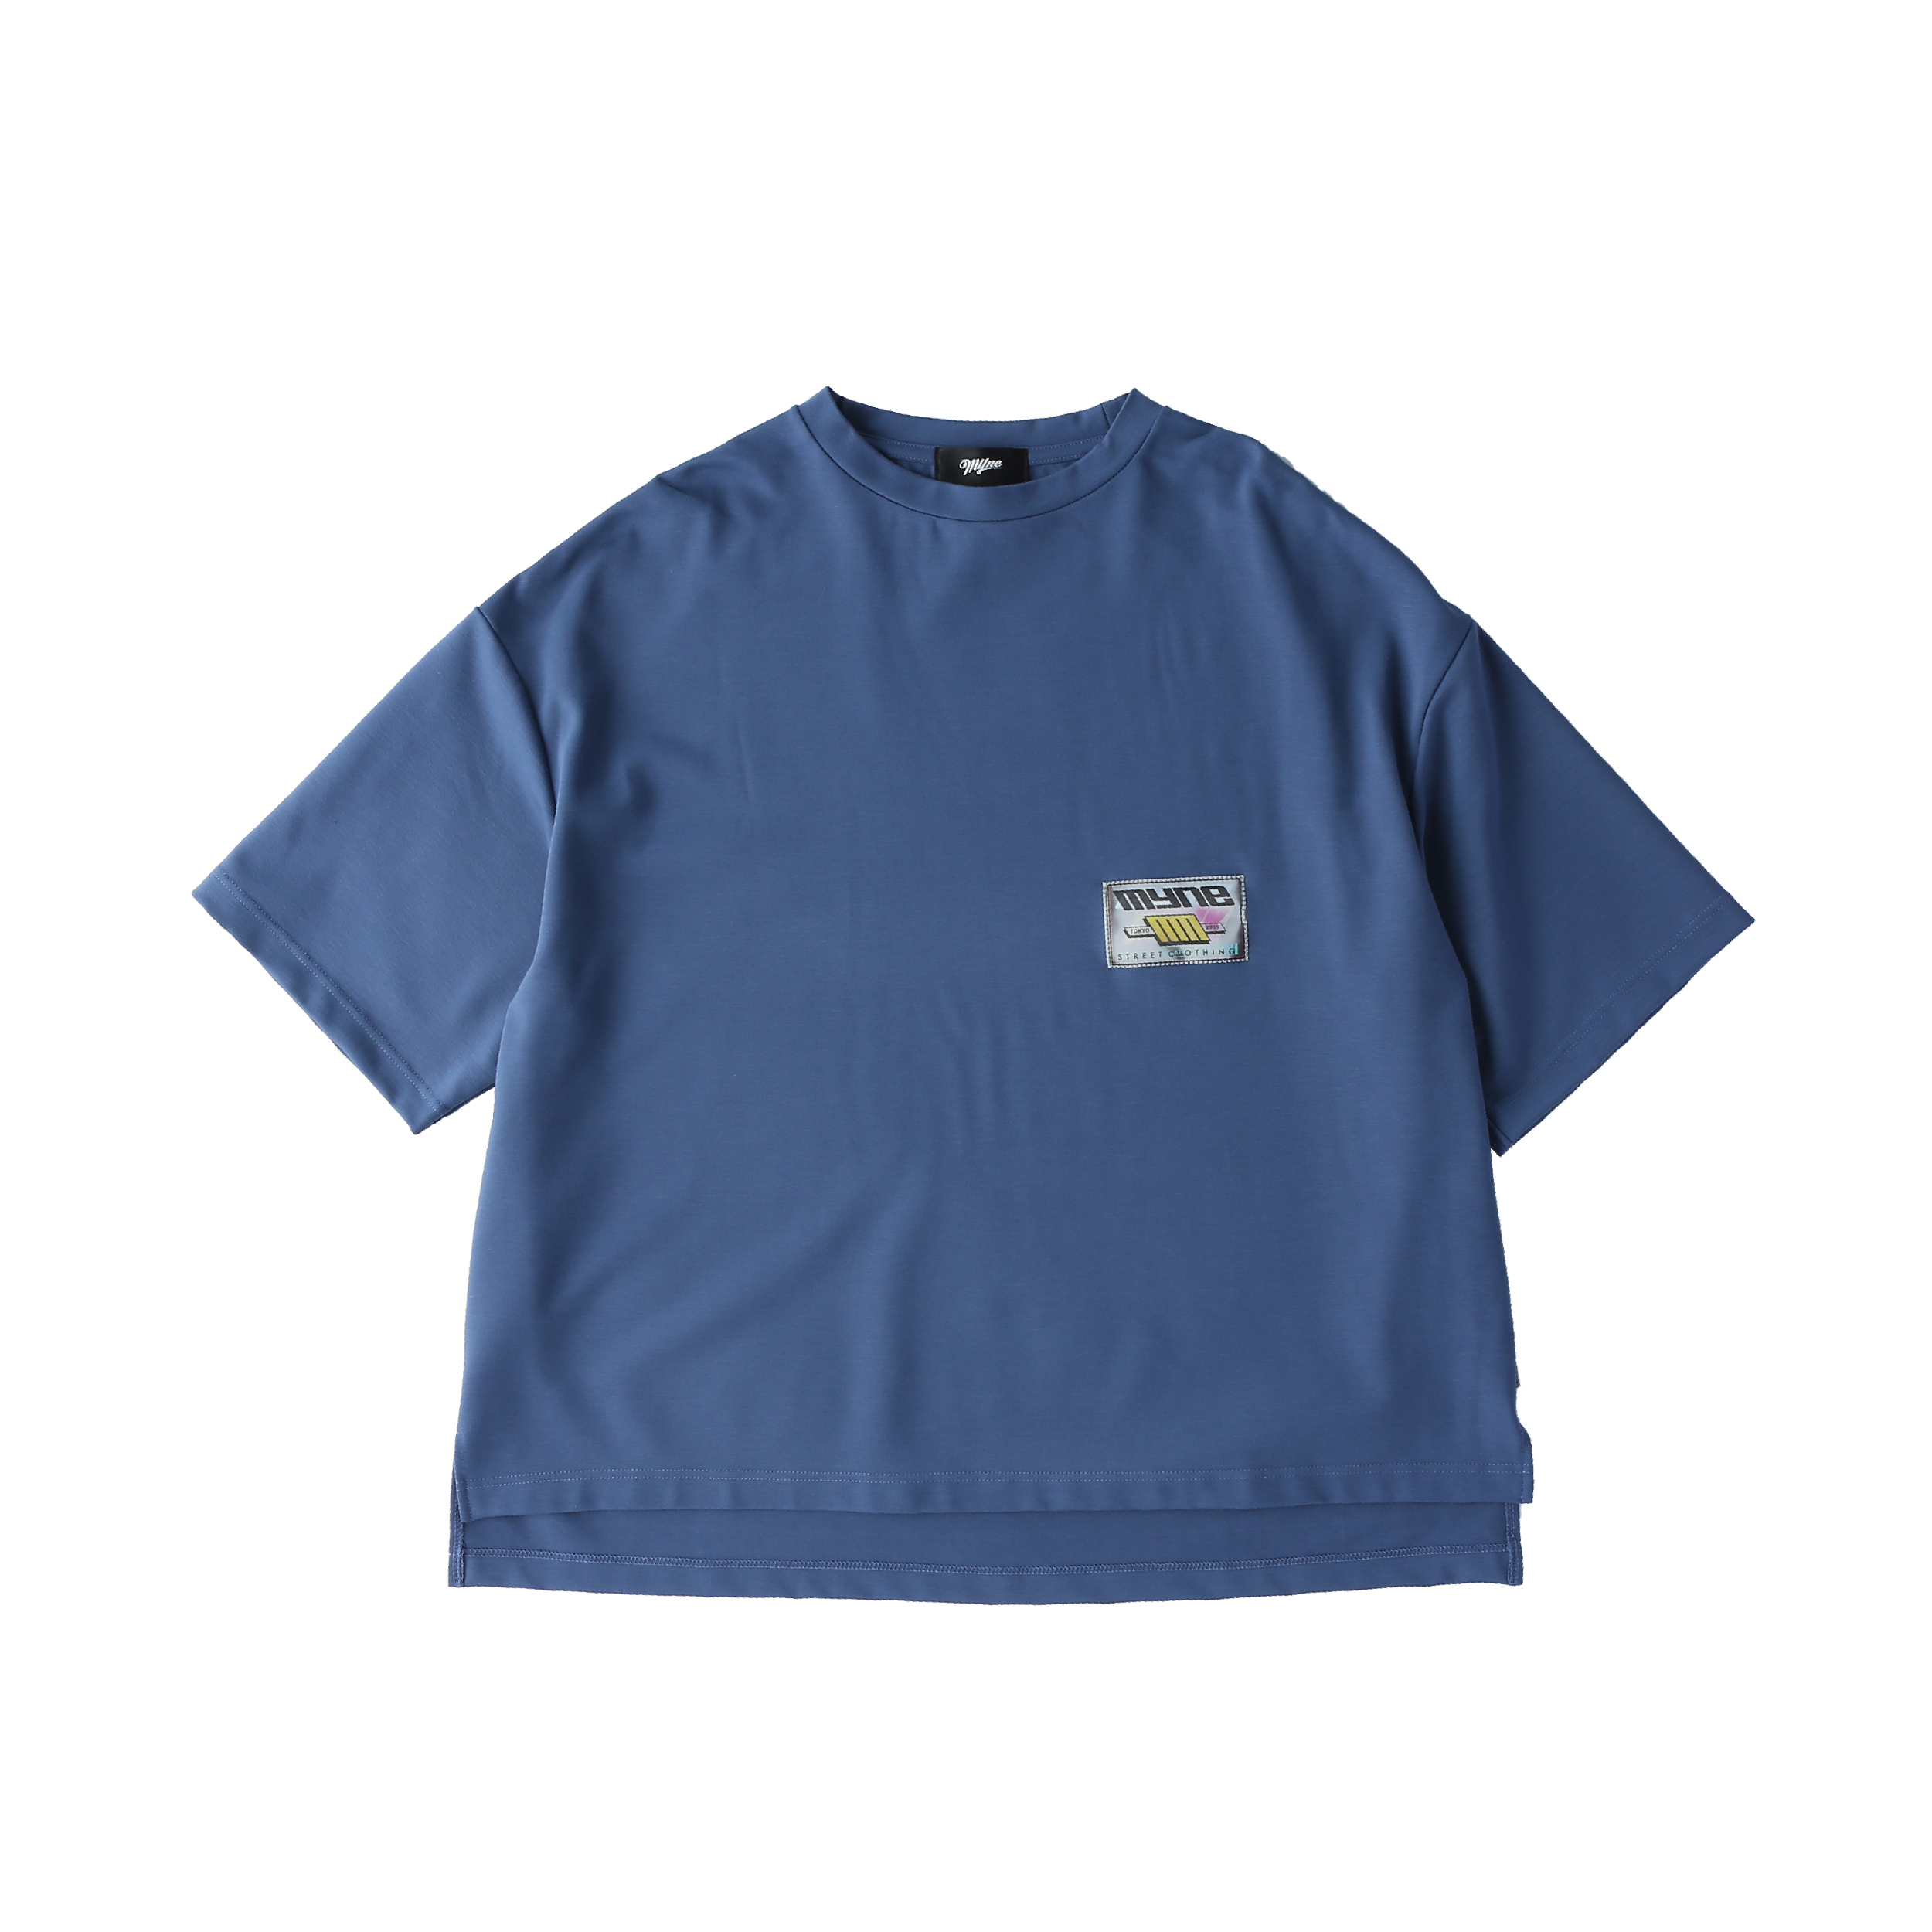 Wappen T-shirt / BLUE - 画像1